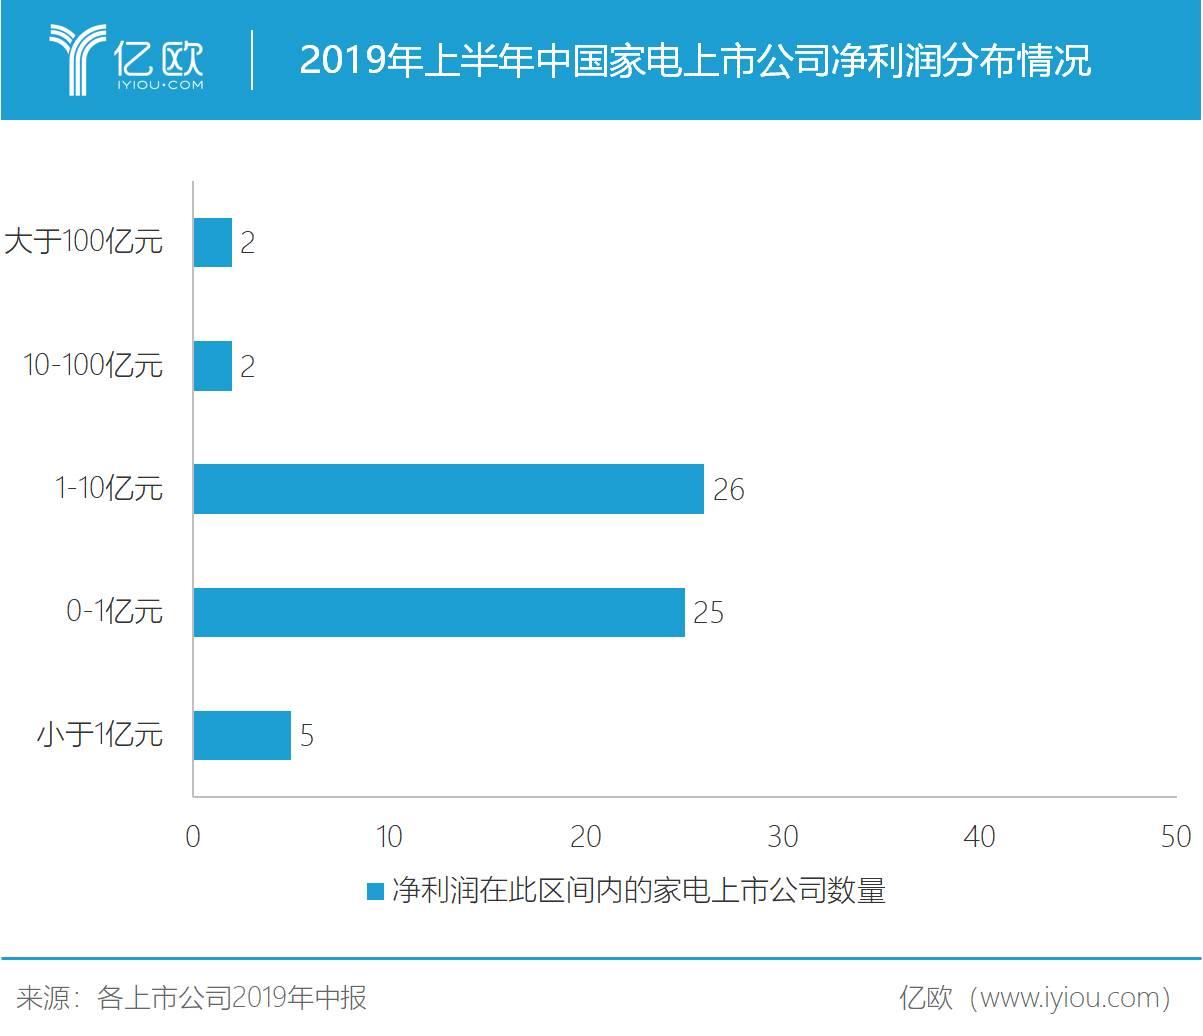 2019年国产家电排行榜_2019中国家用空气净化器十大排名品牌